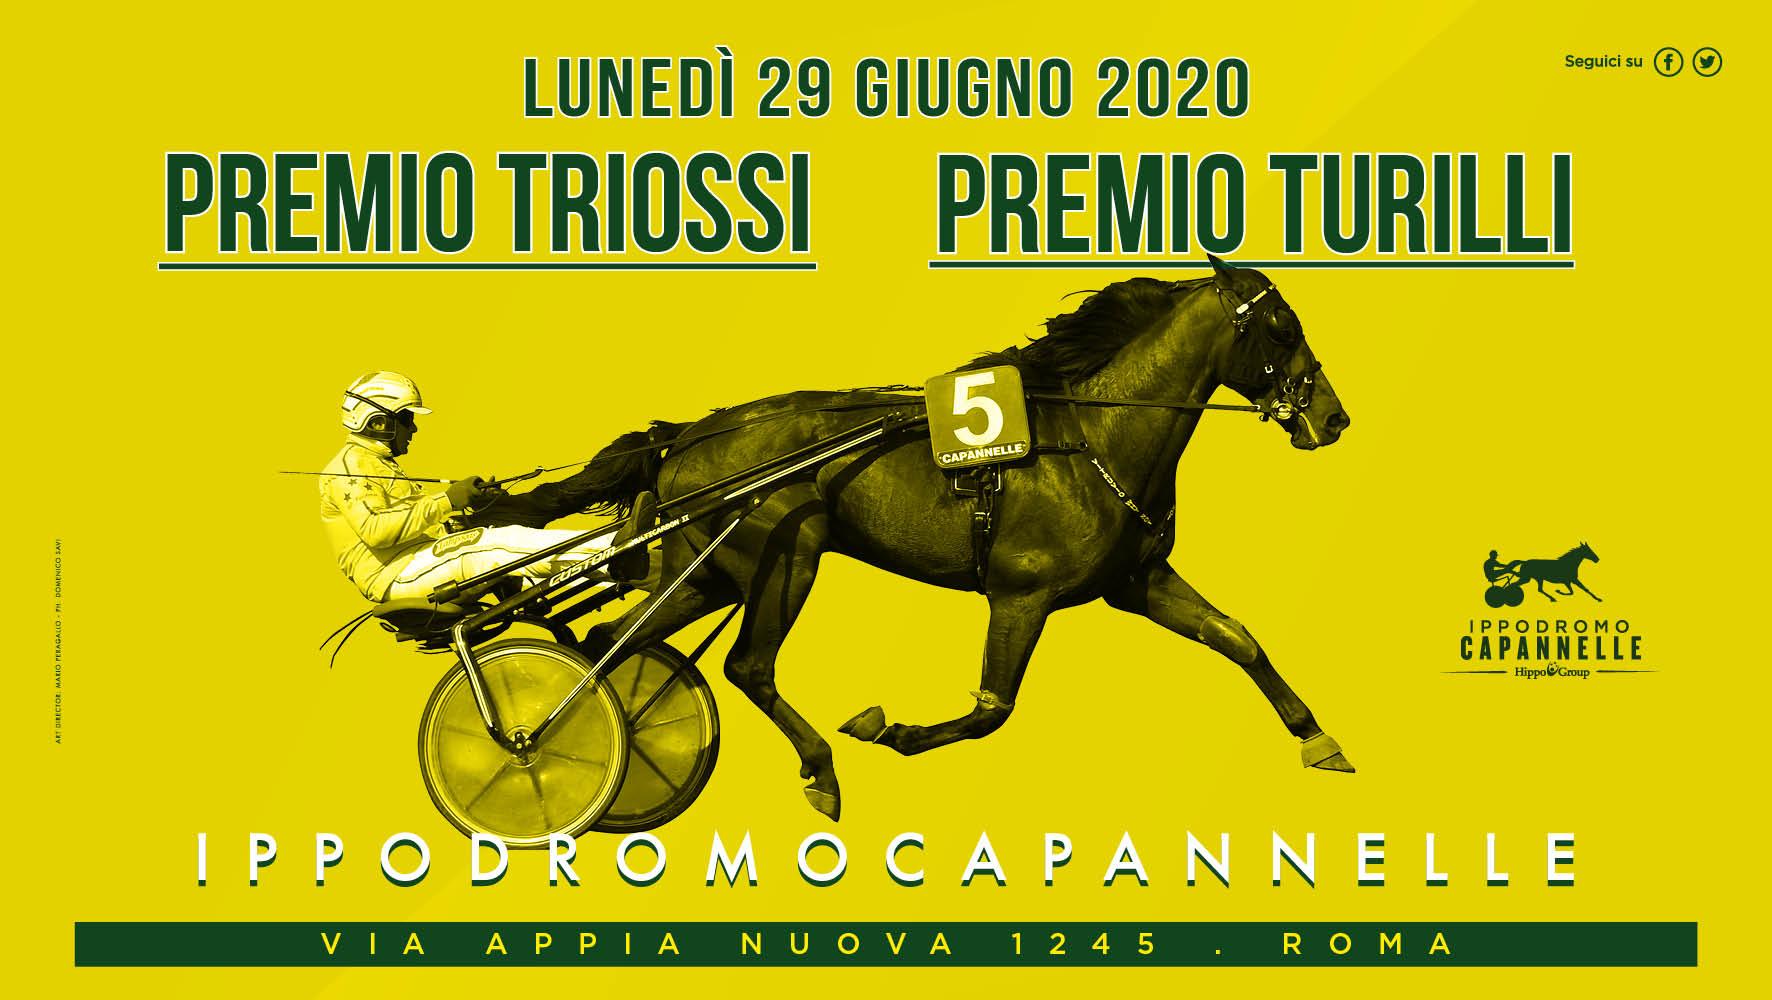 Trotto: tutto pronto a Capannelle per i Gran Premi Turilli e Triossi